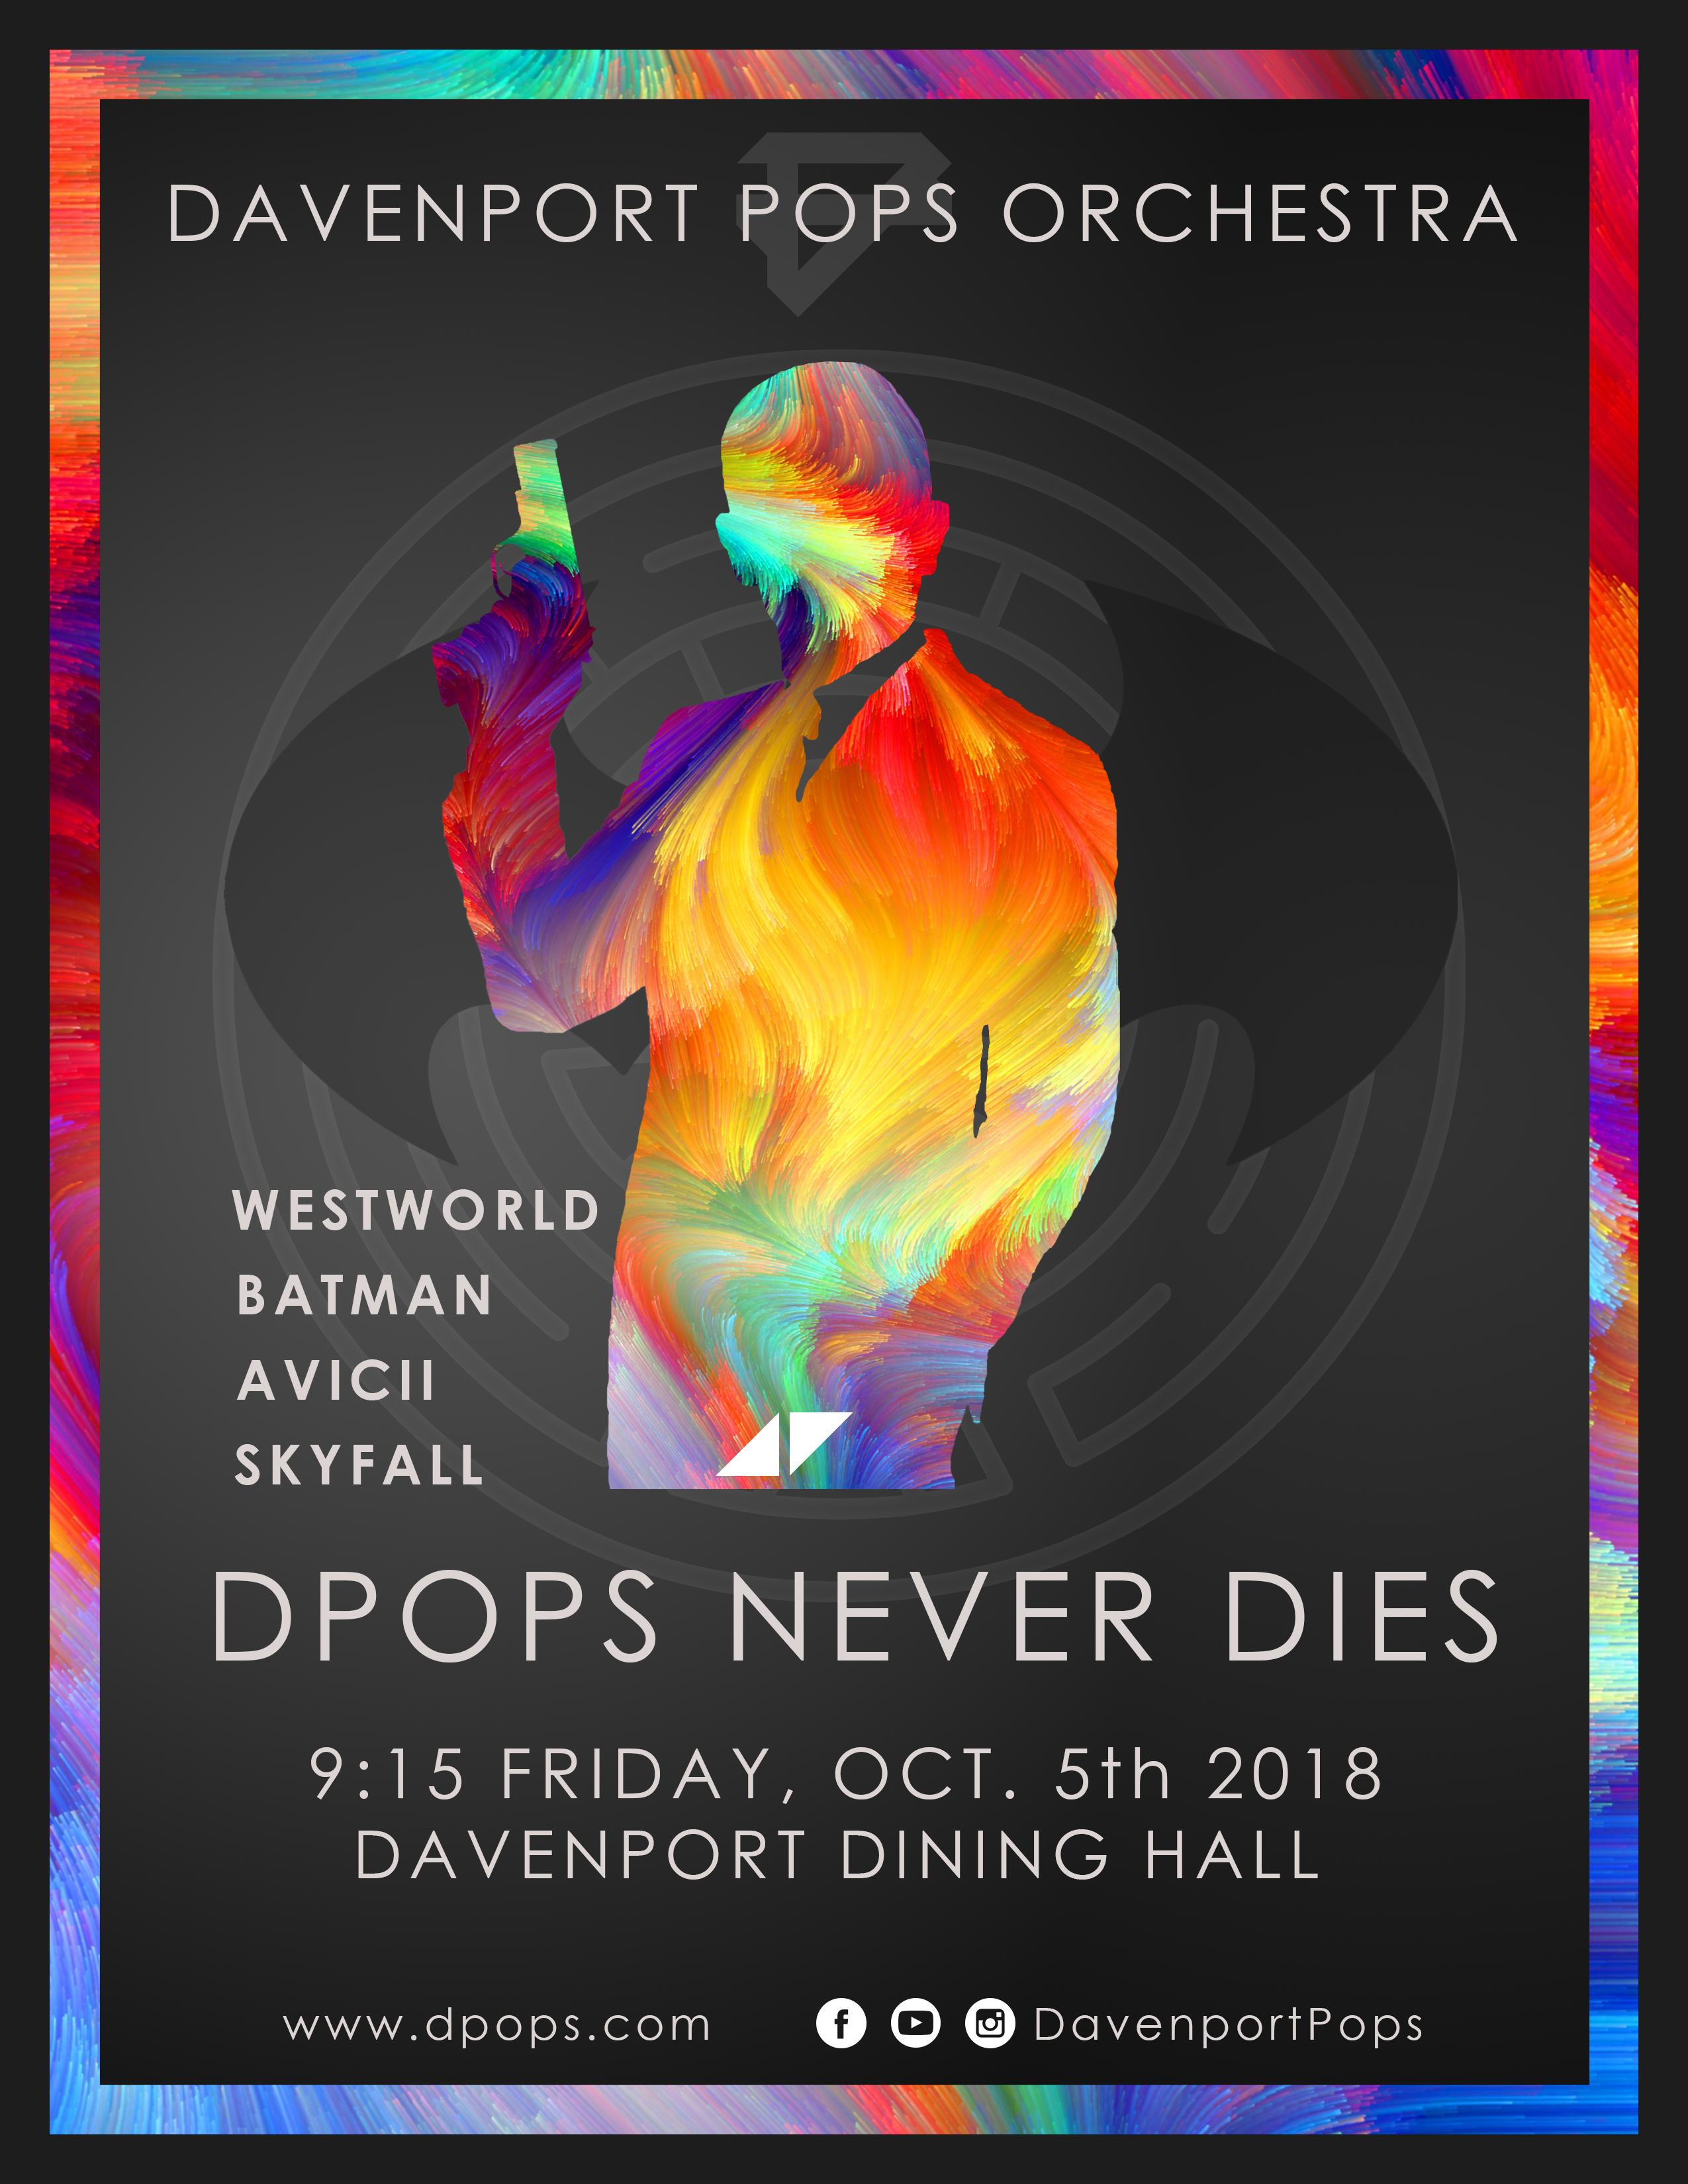 DPops Never Dies